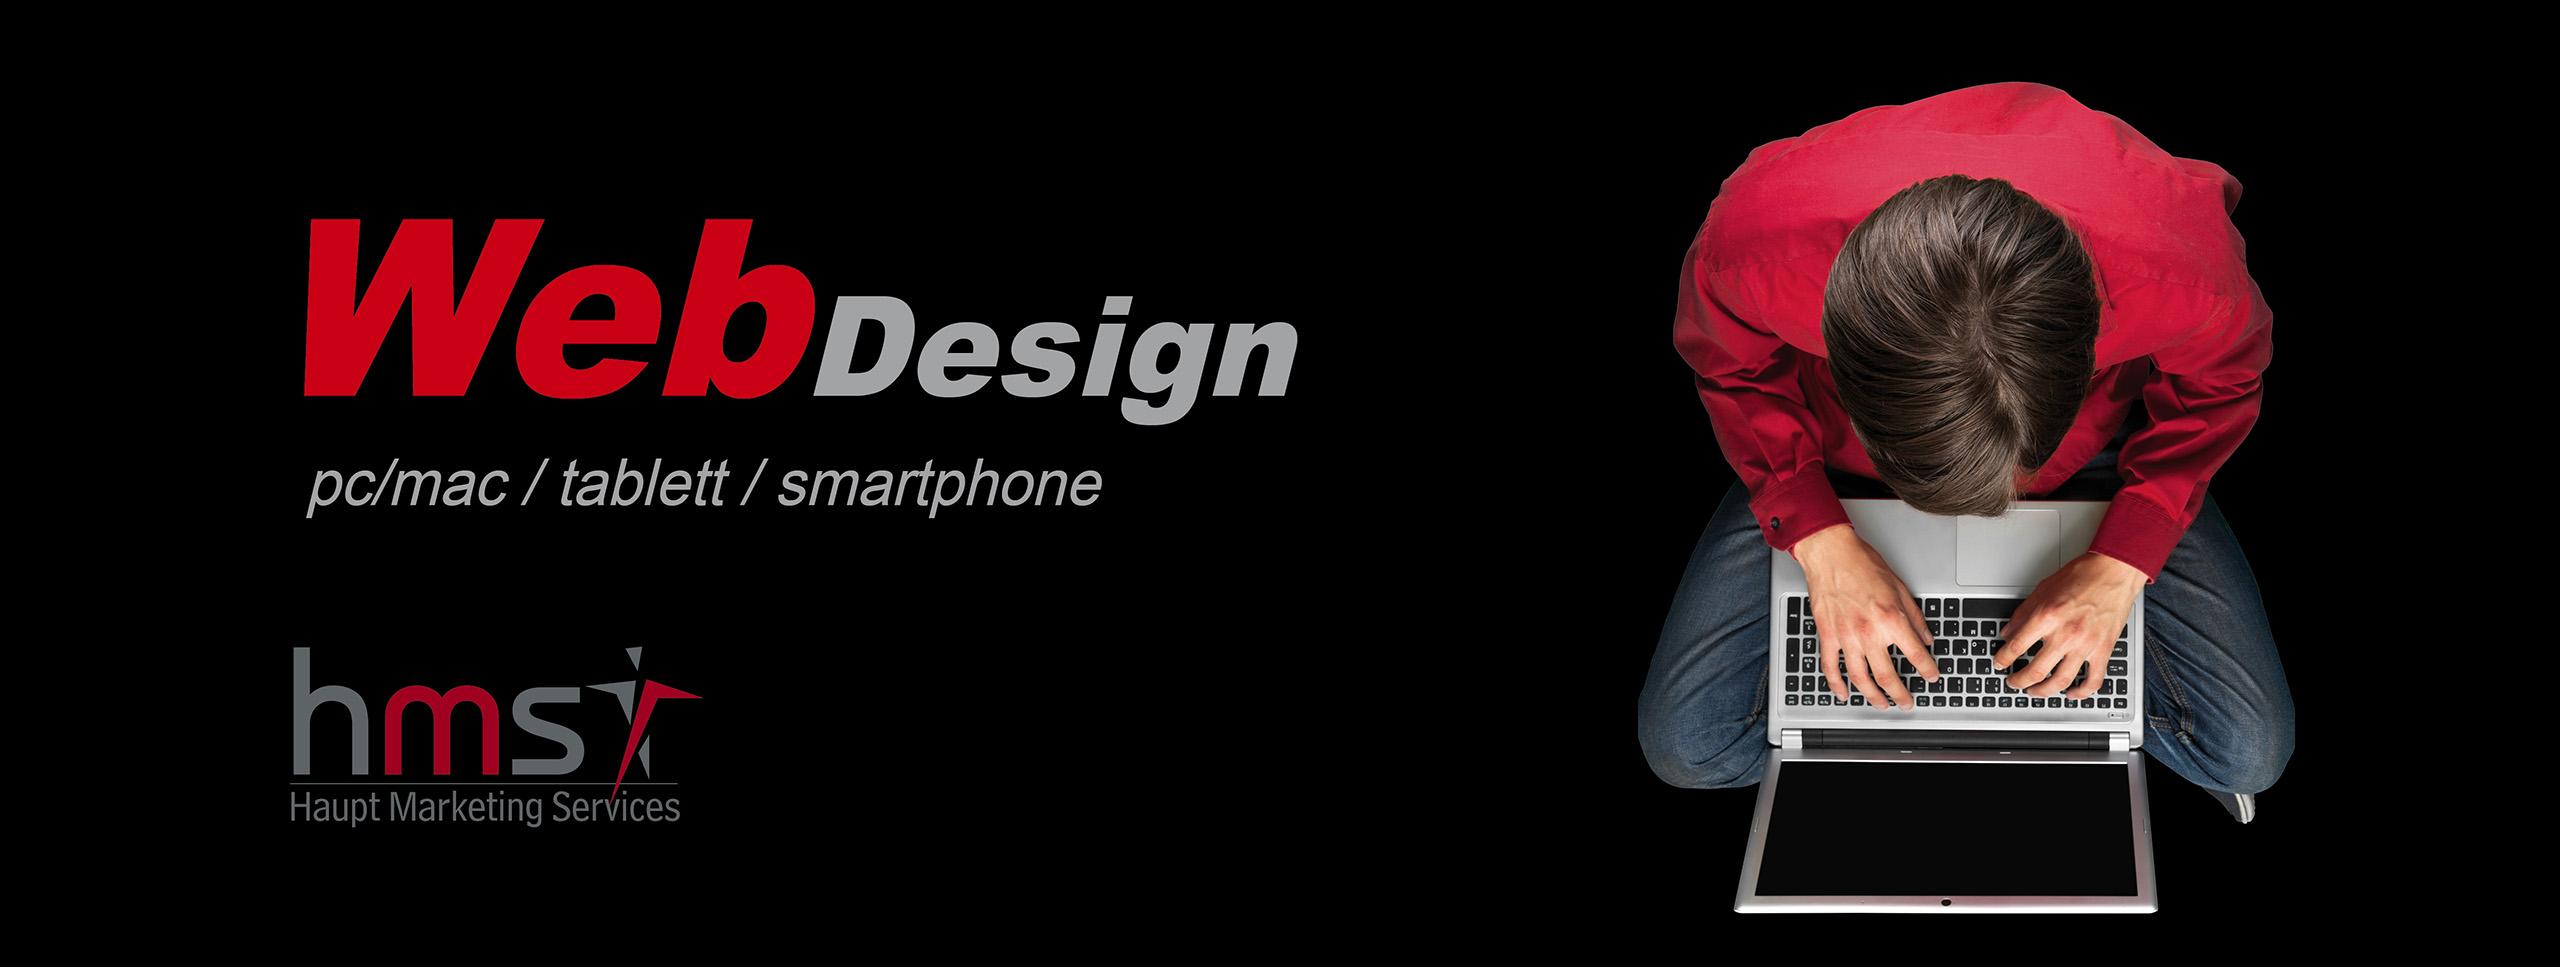 006_Web01_2017_Webdesign